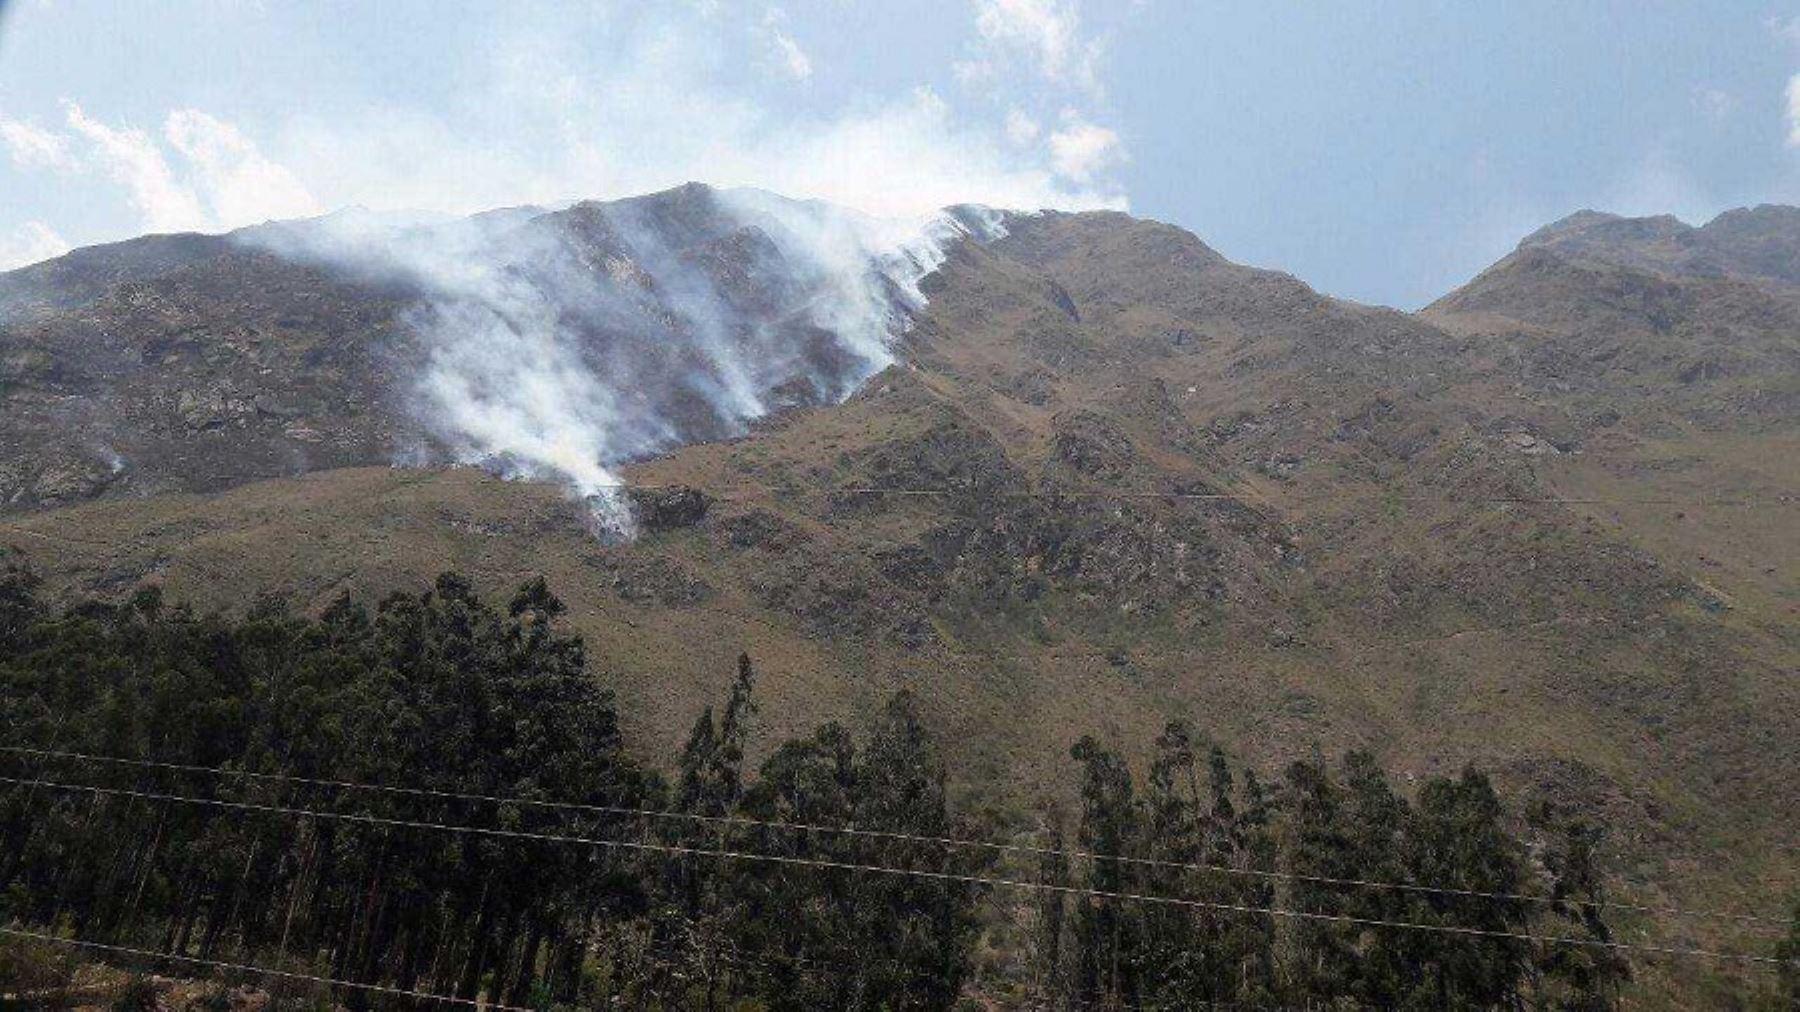 Un incendio afecta varias hectáreas de vegetación del sector Cusichaka del distrito de Machu Picchu, en la provincia cusqueña de Urubamba.